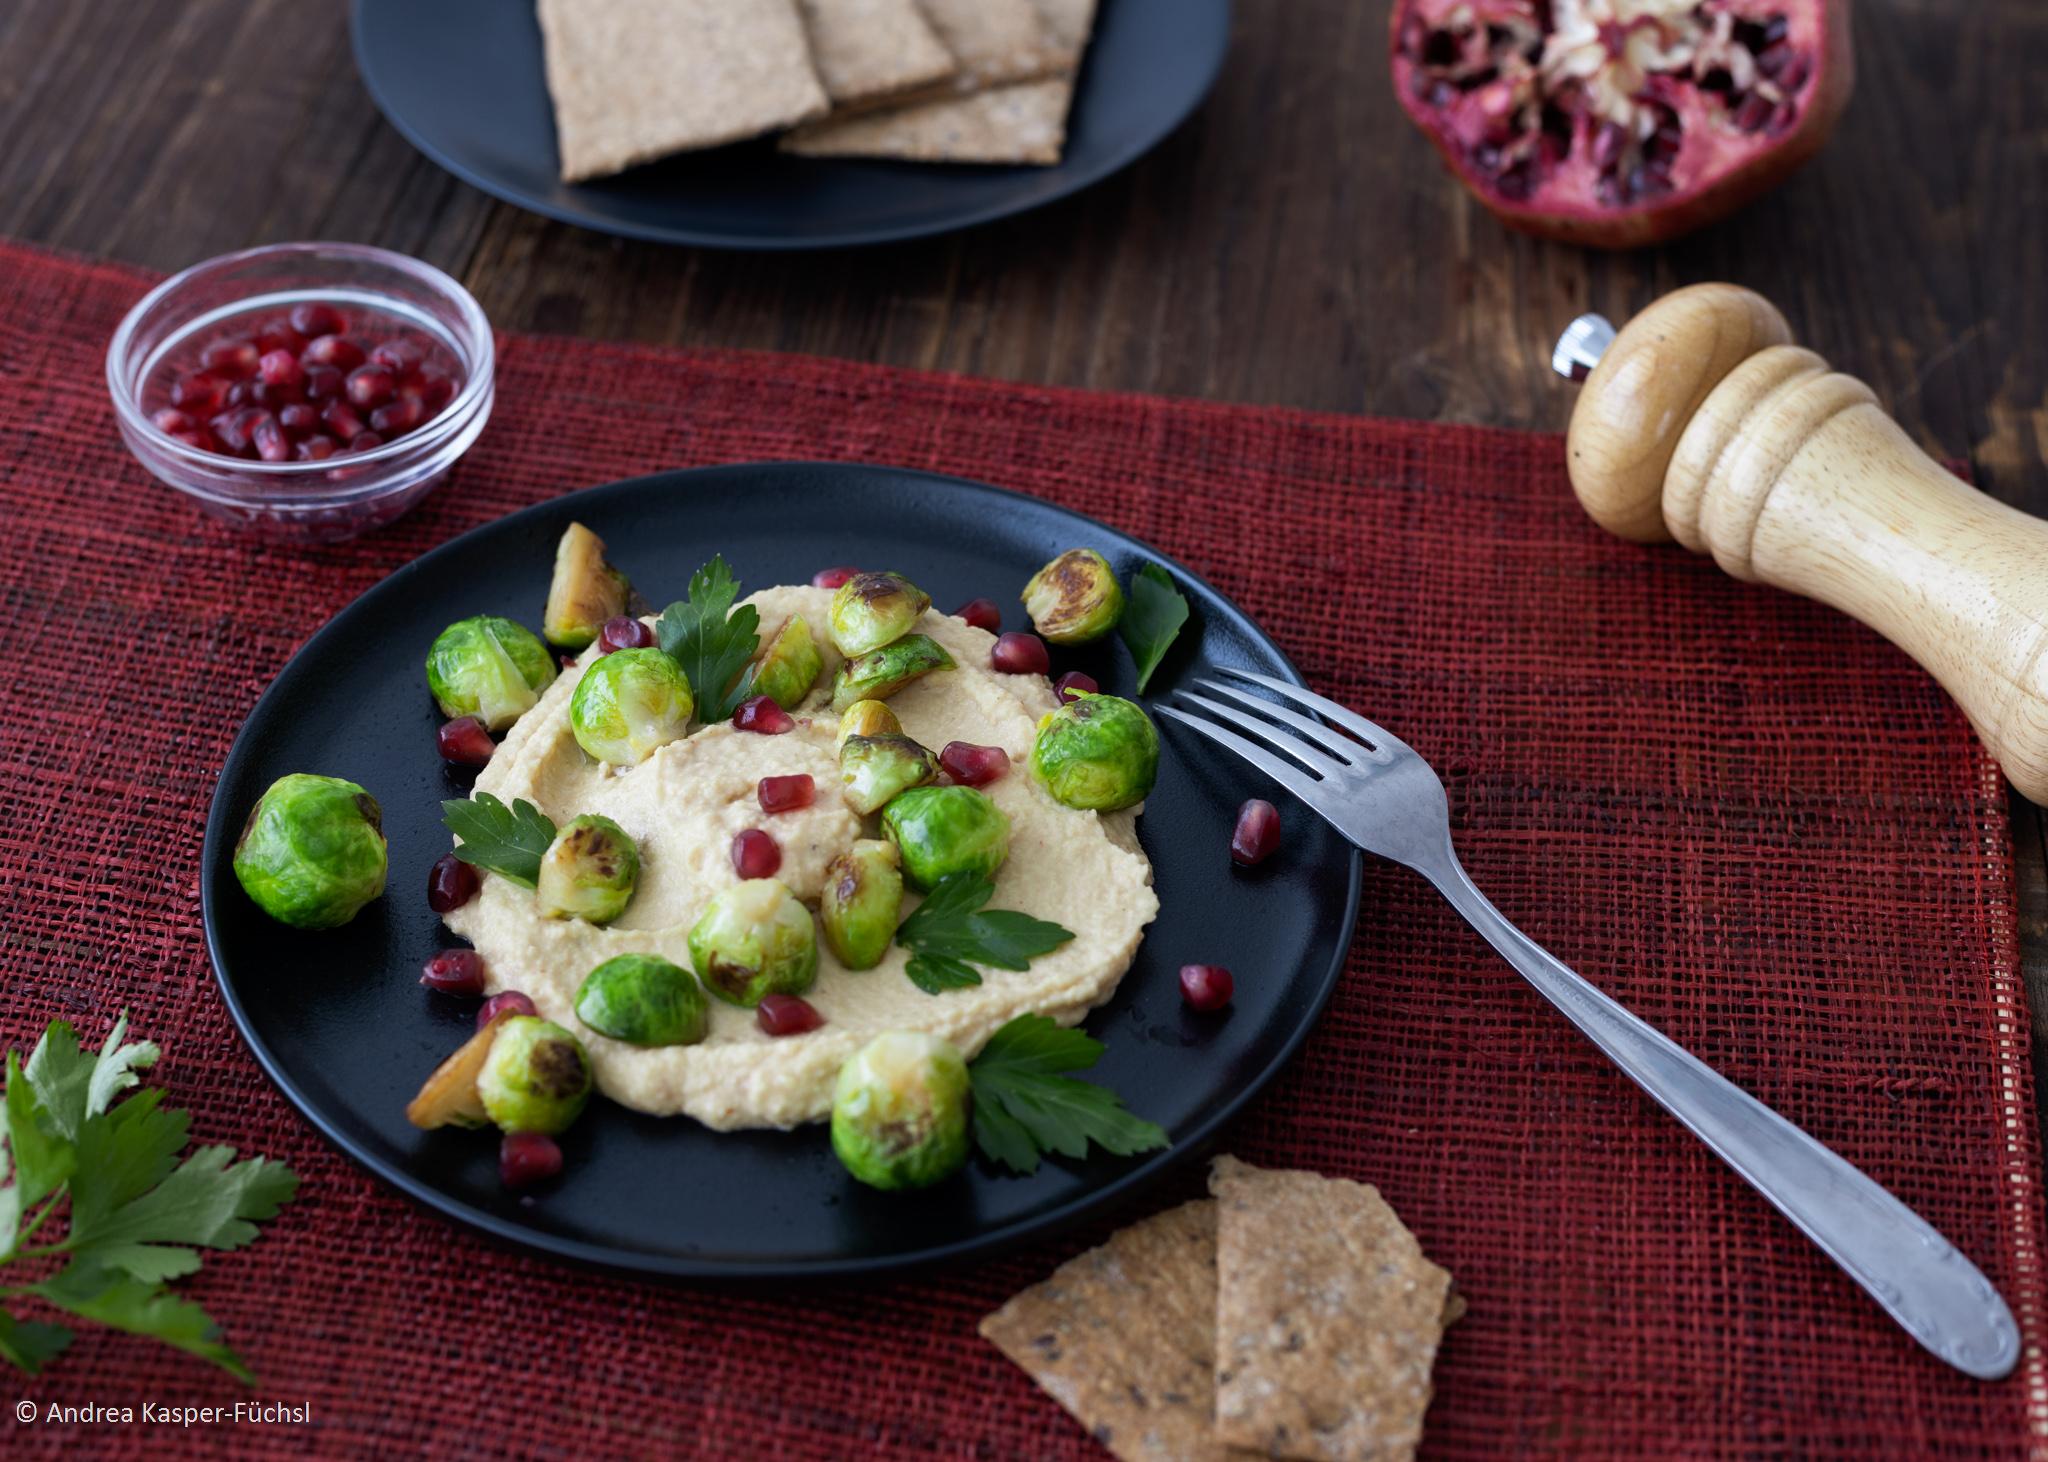 Hummus, Kohlsprossen, Granatapfel Foto Andrea Kasper-Füchsl